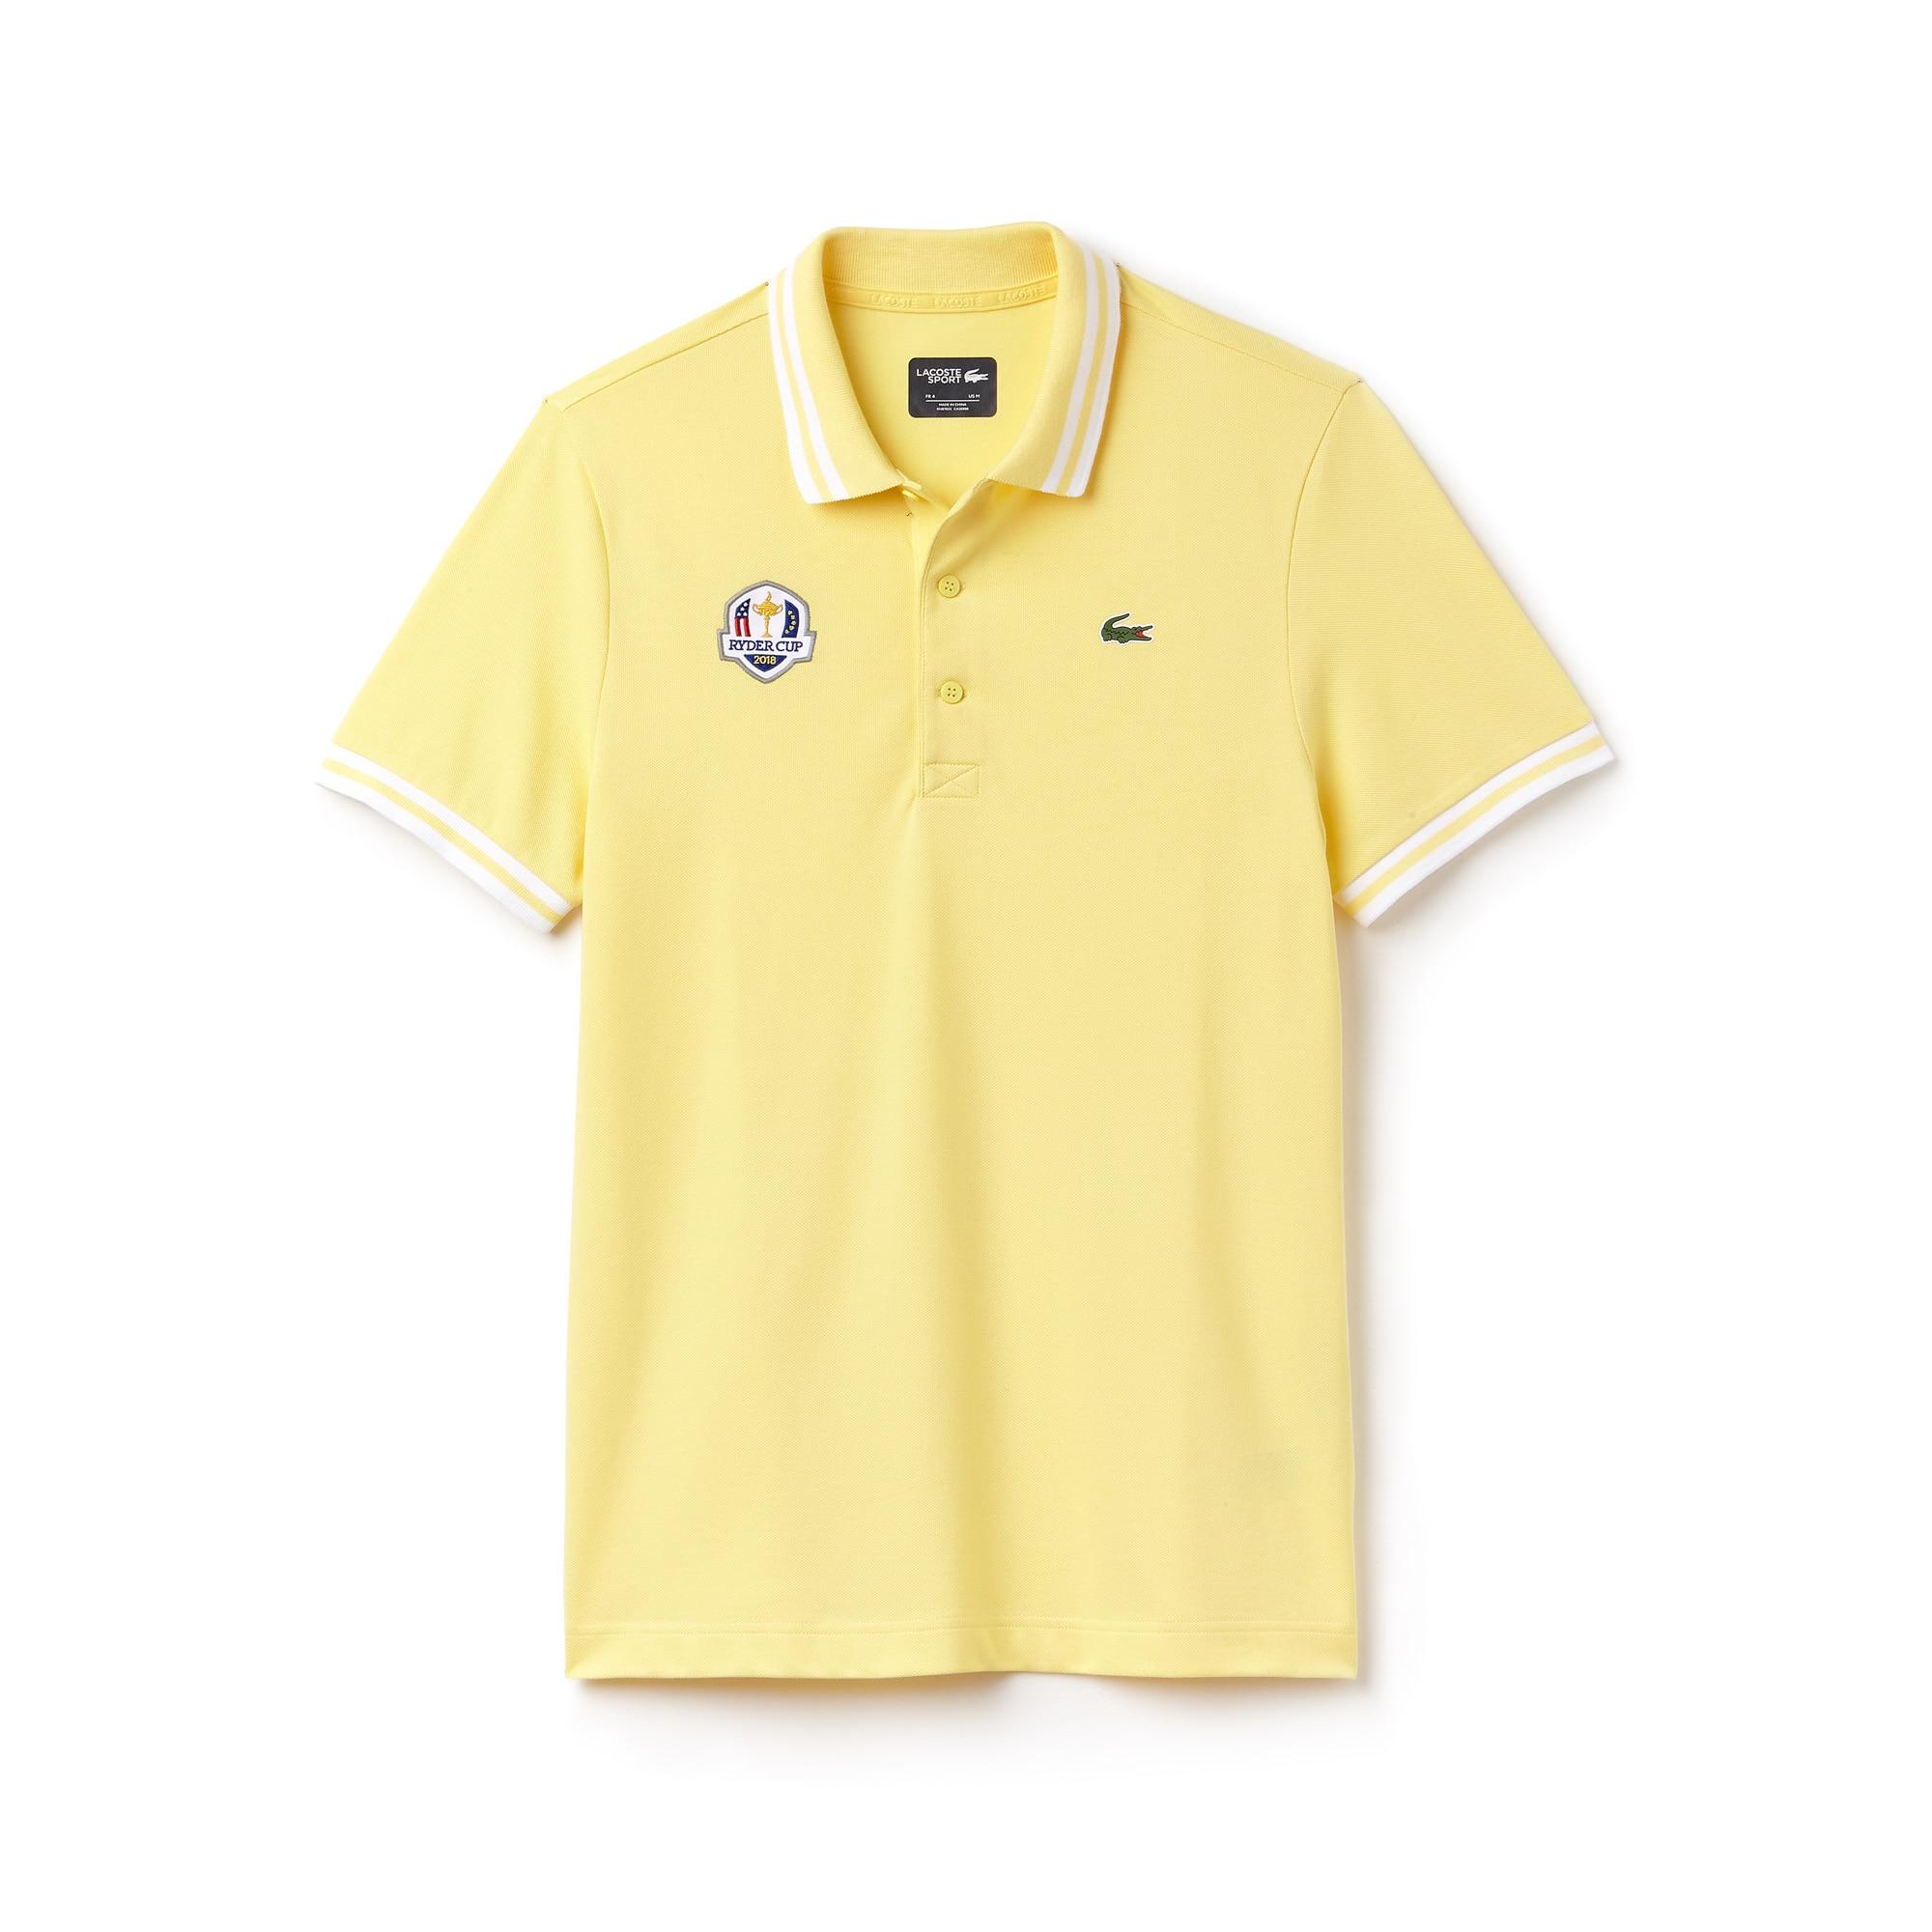 Men's Lacoste SPORT Ryder Cup Edition Tech Petit Piqué Golf Polo Shirt